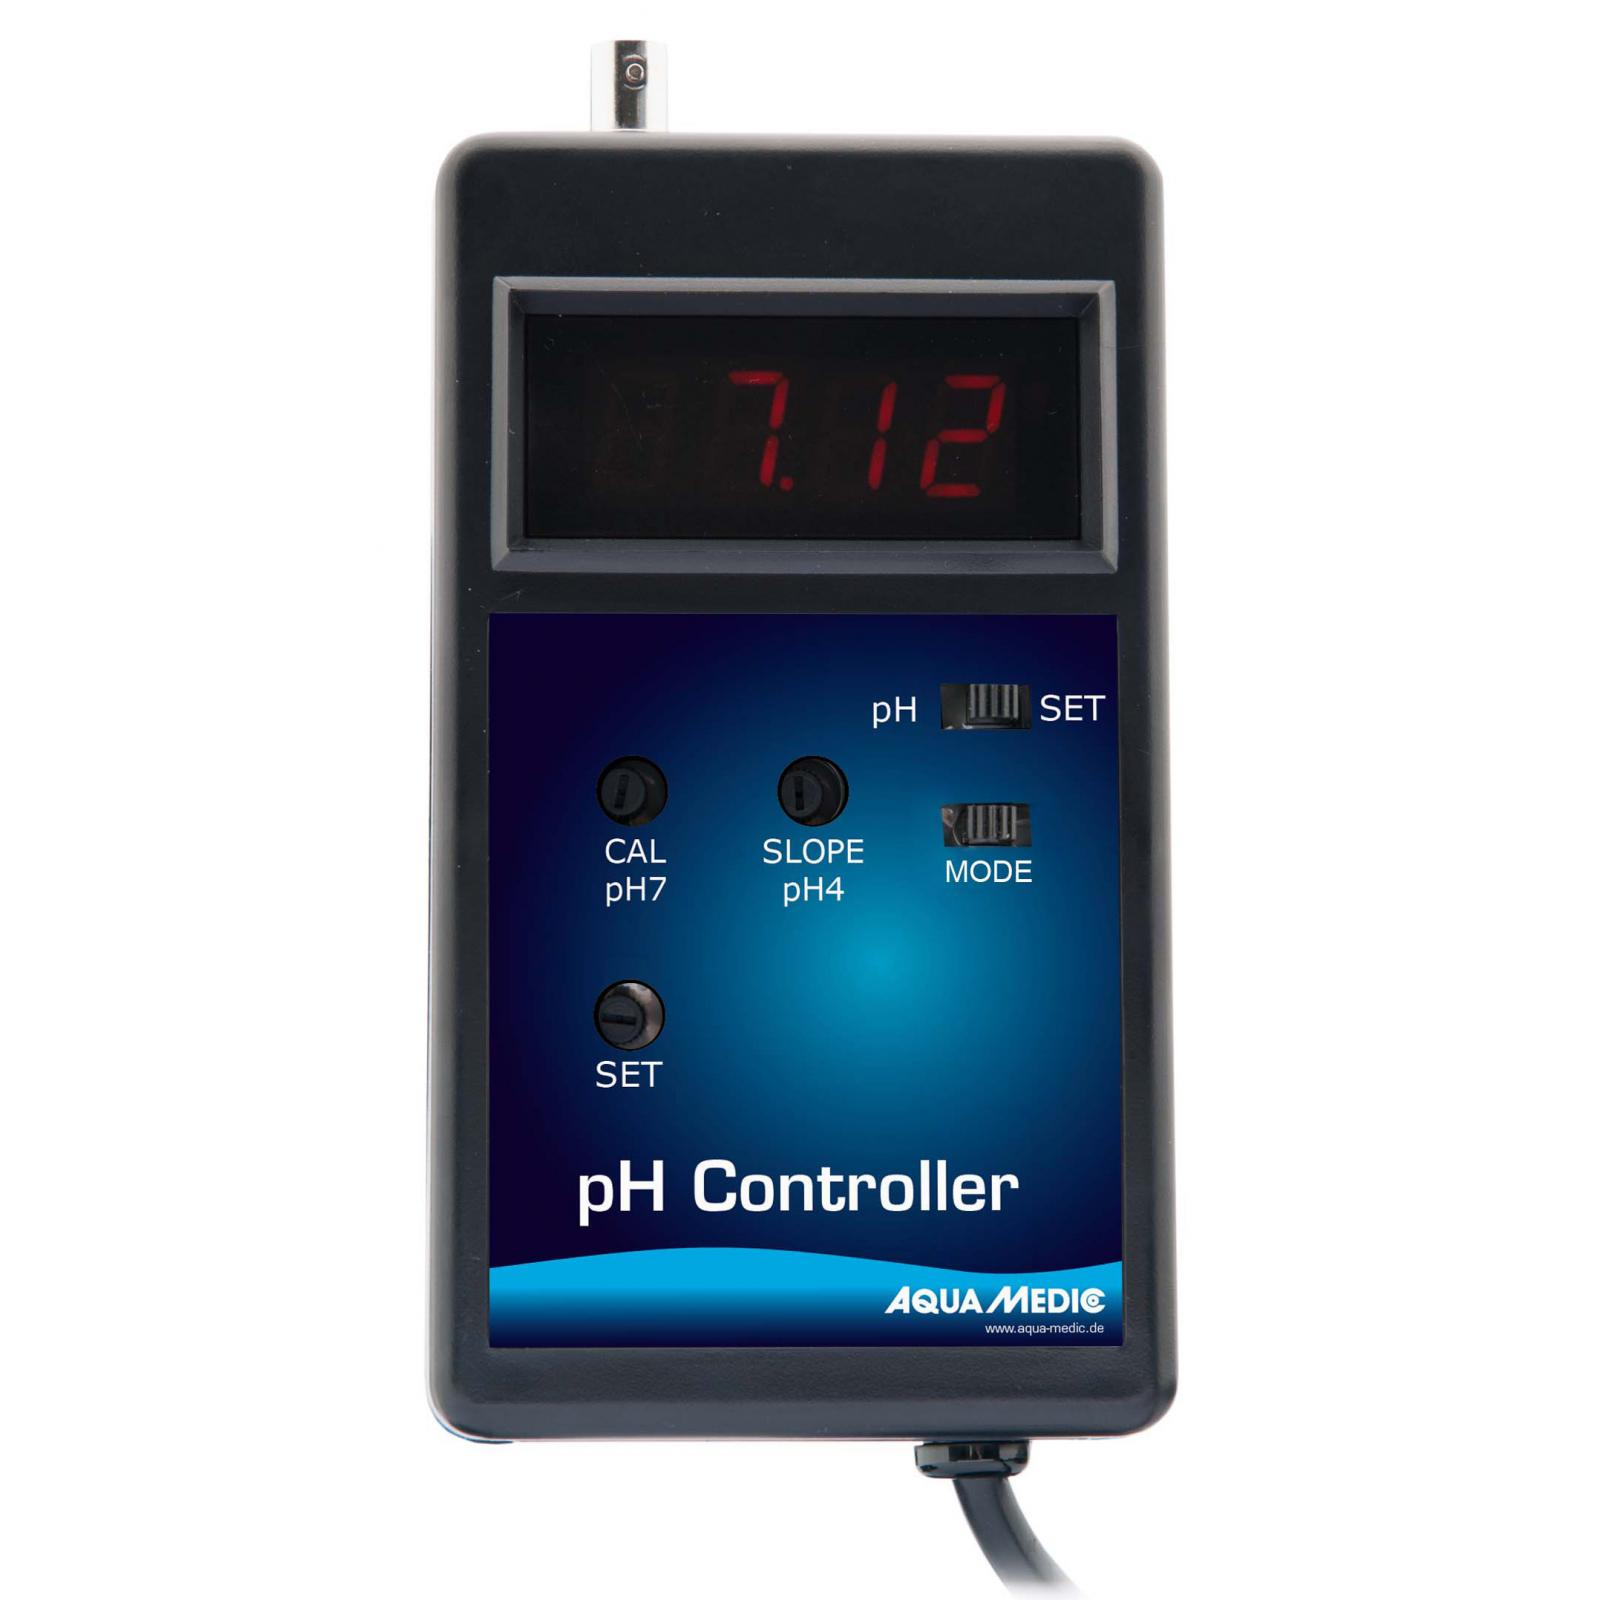 AQUA MEDIC pH Controller instrument haute précision pour le contrôle de la valeur pH